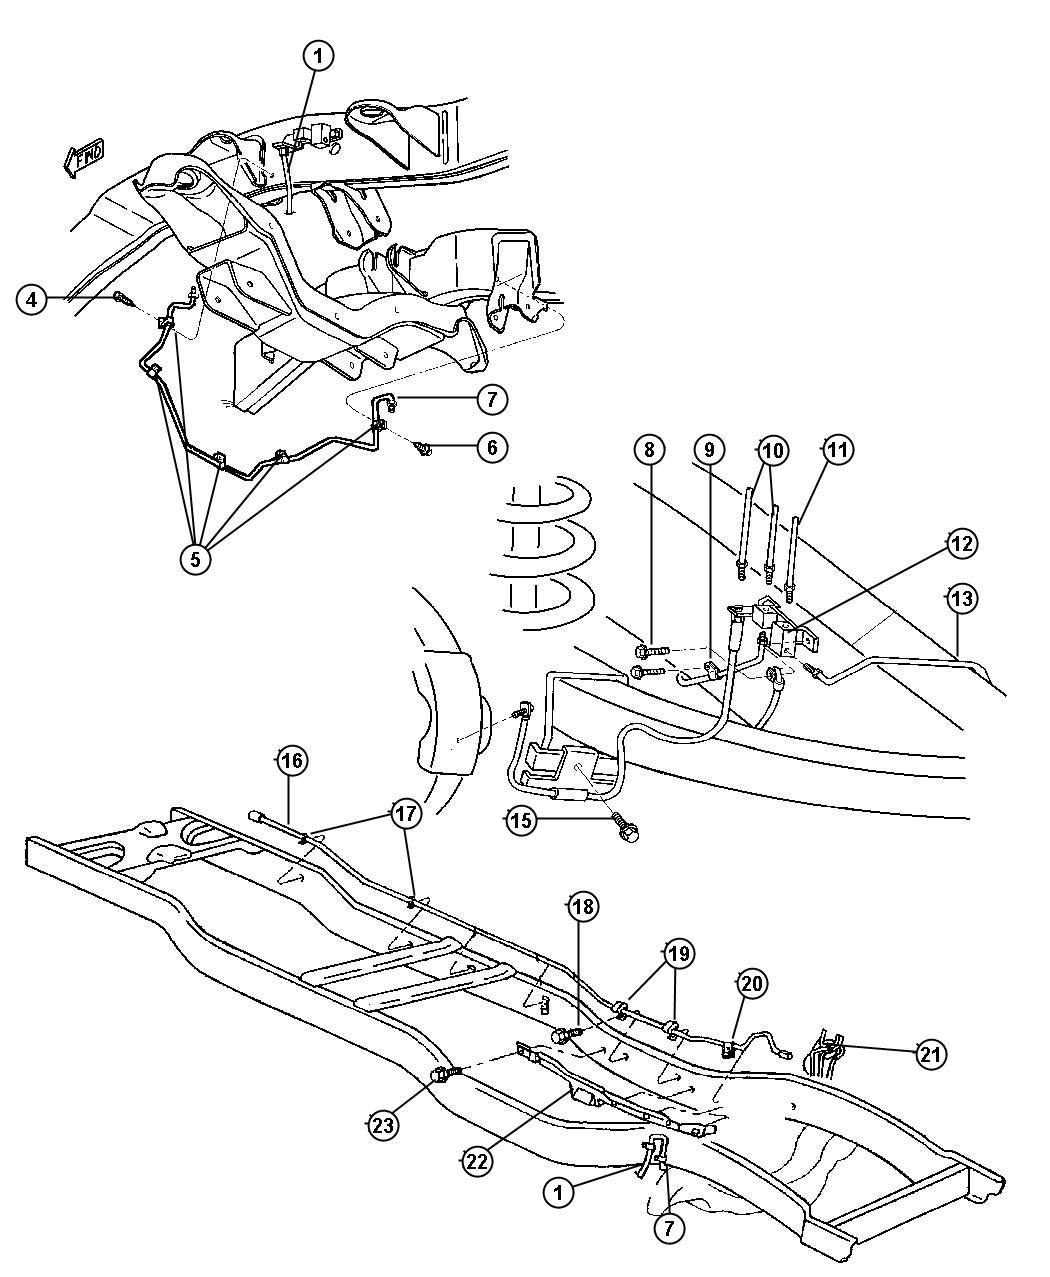 Dodge Wiring Harnes Diagram 1997 - Wiring Schema Collection